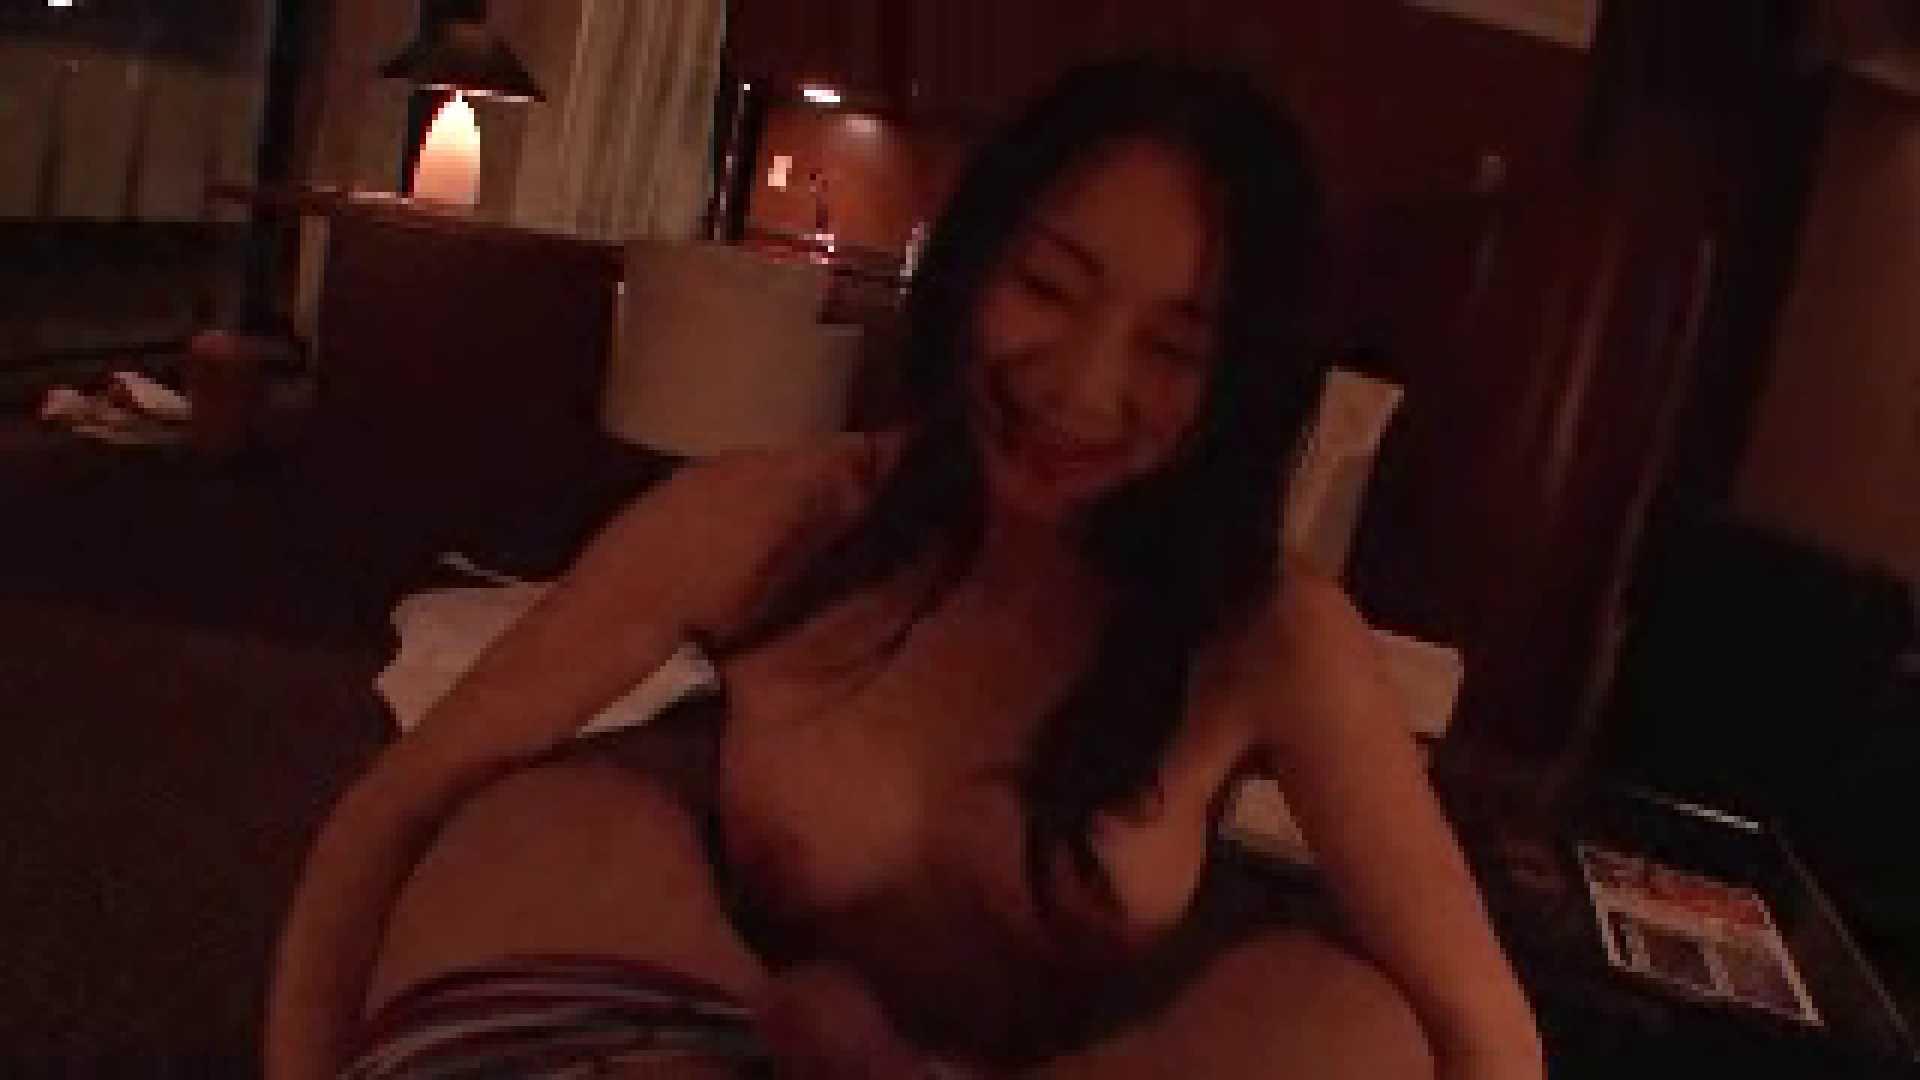 親友同士で競演 超美形のSEXパーティ Vol.04 OLのエロ生活  49連発 28